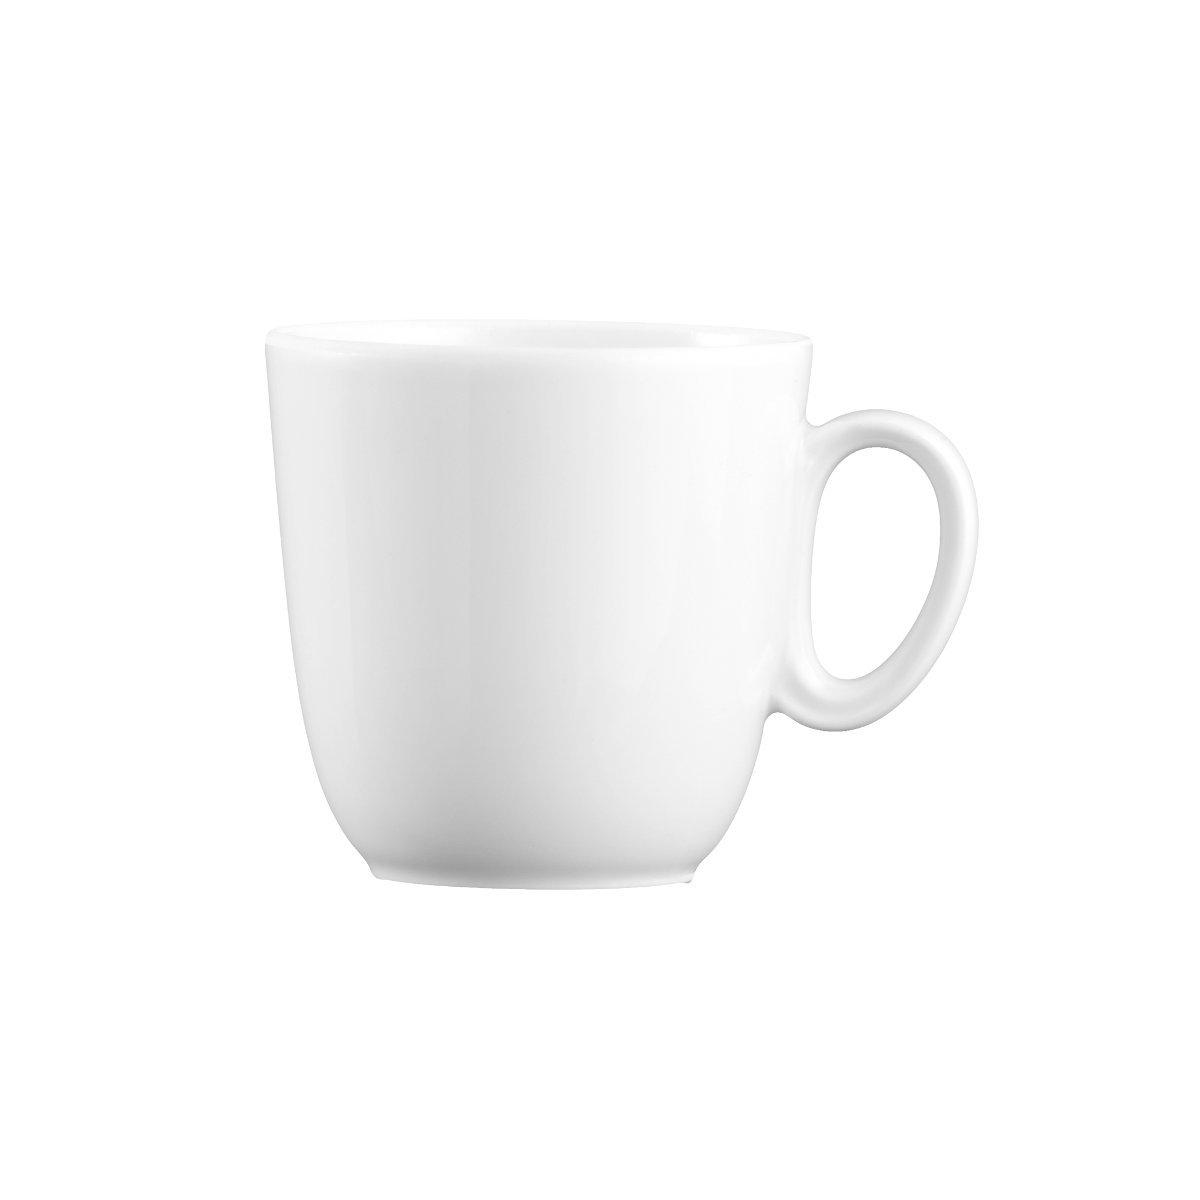 Seltmann Weiden  /'Lido Black Line/' Espressoobertasse 0,09 L